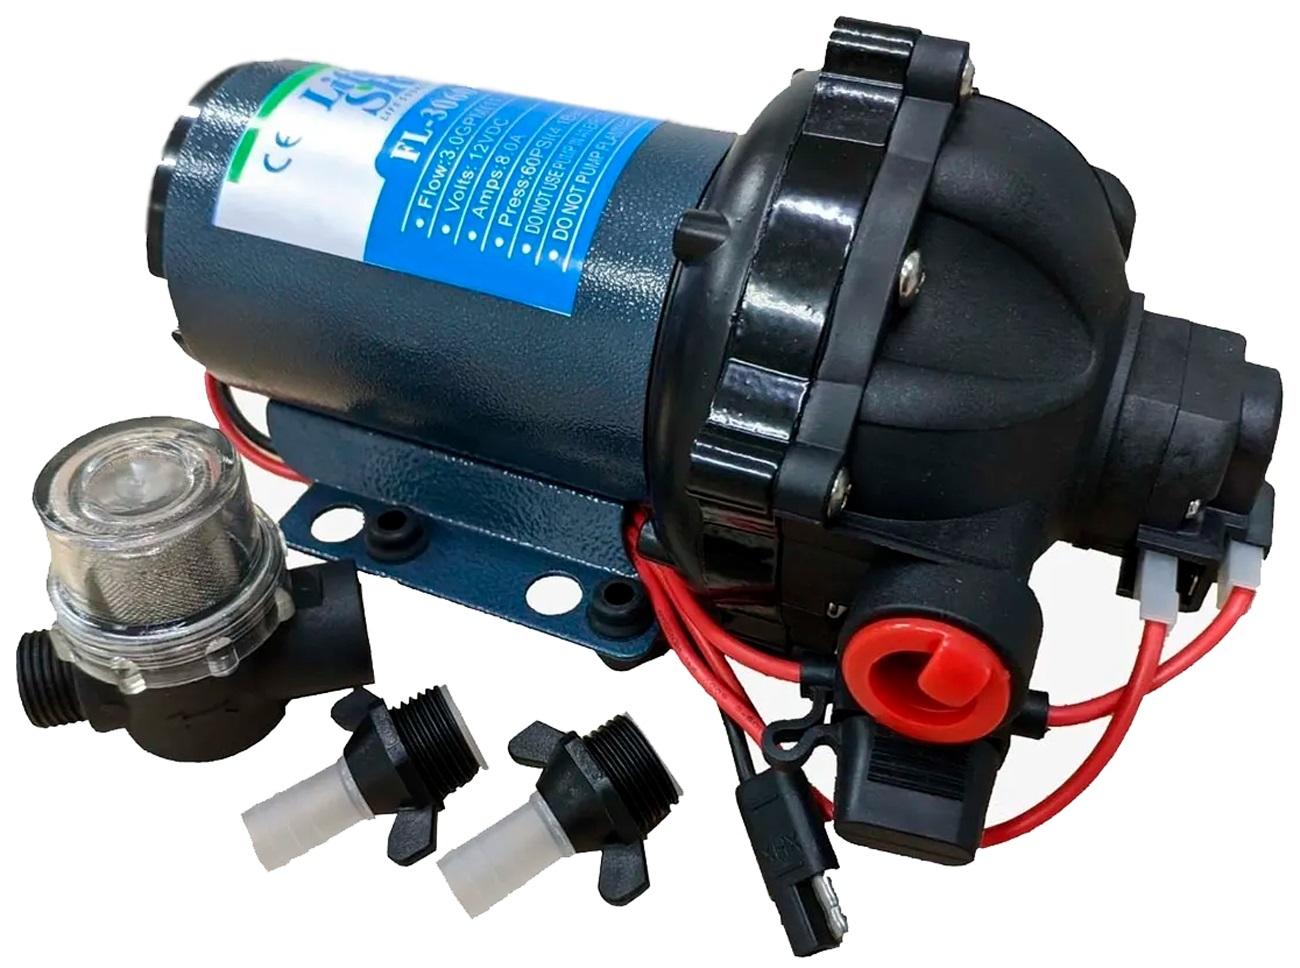 Bomba de Pressurização Automática Life 3.0 GPM 12V 60 PSI com Pressostato para Barcos Lanchas